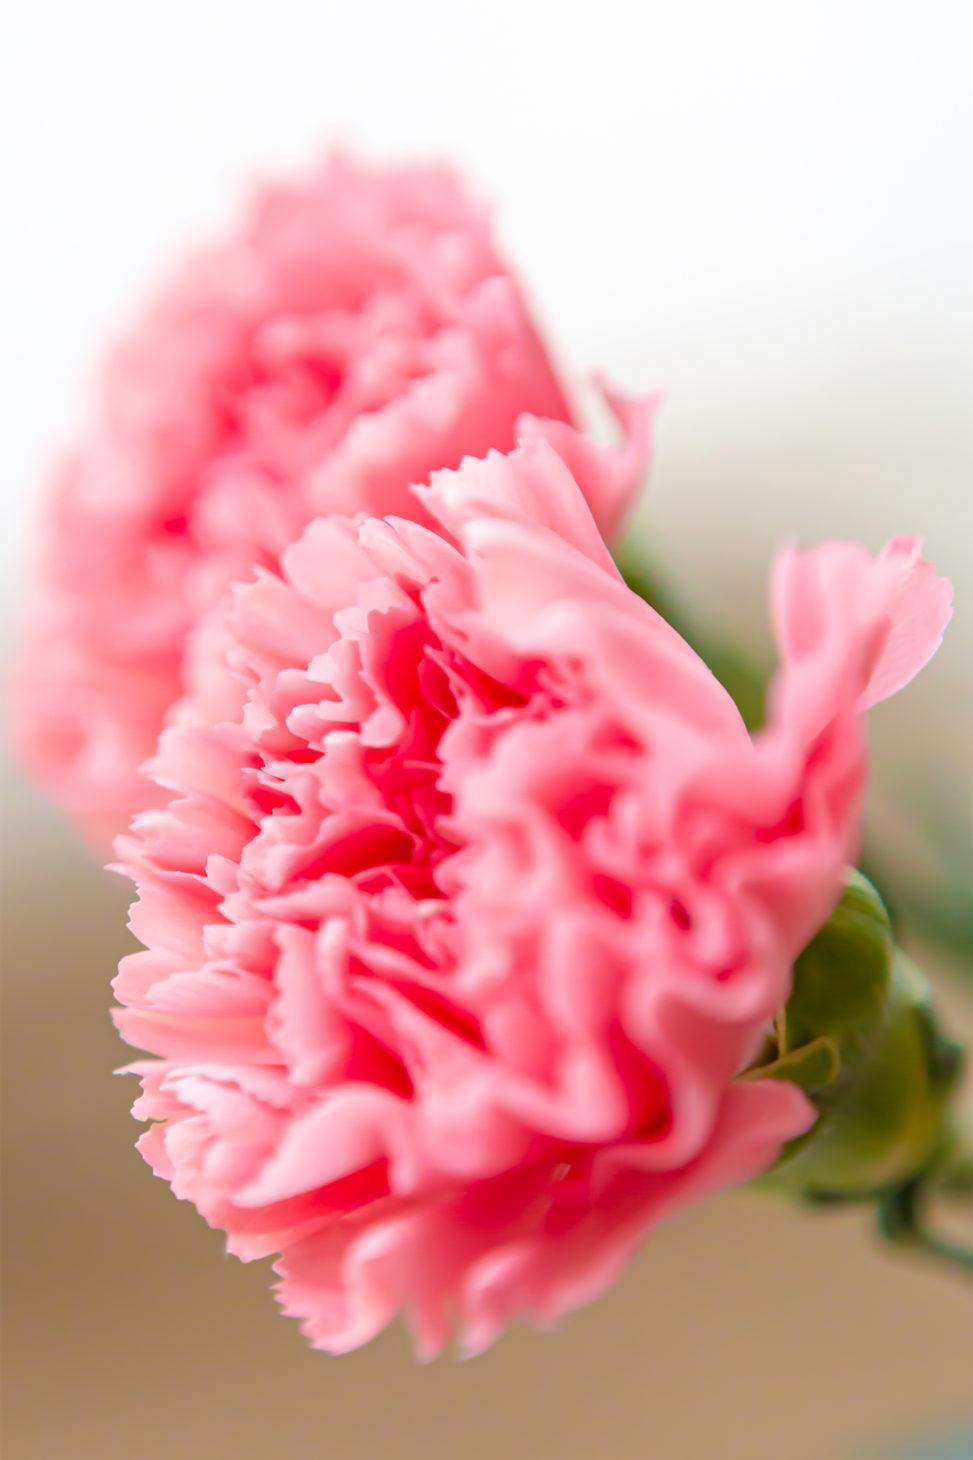 カーネーションの花びら04の写真素材